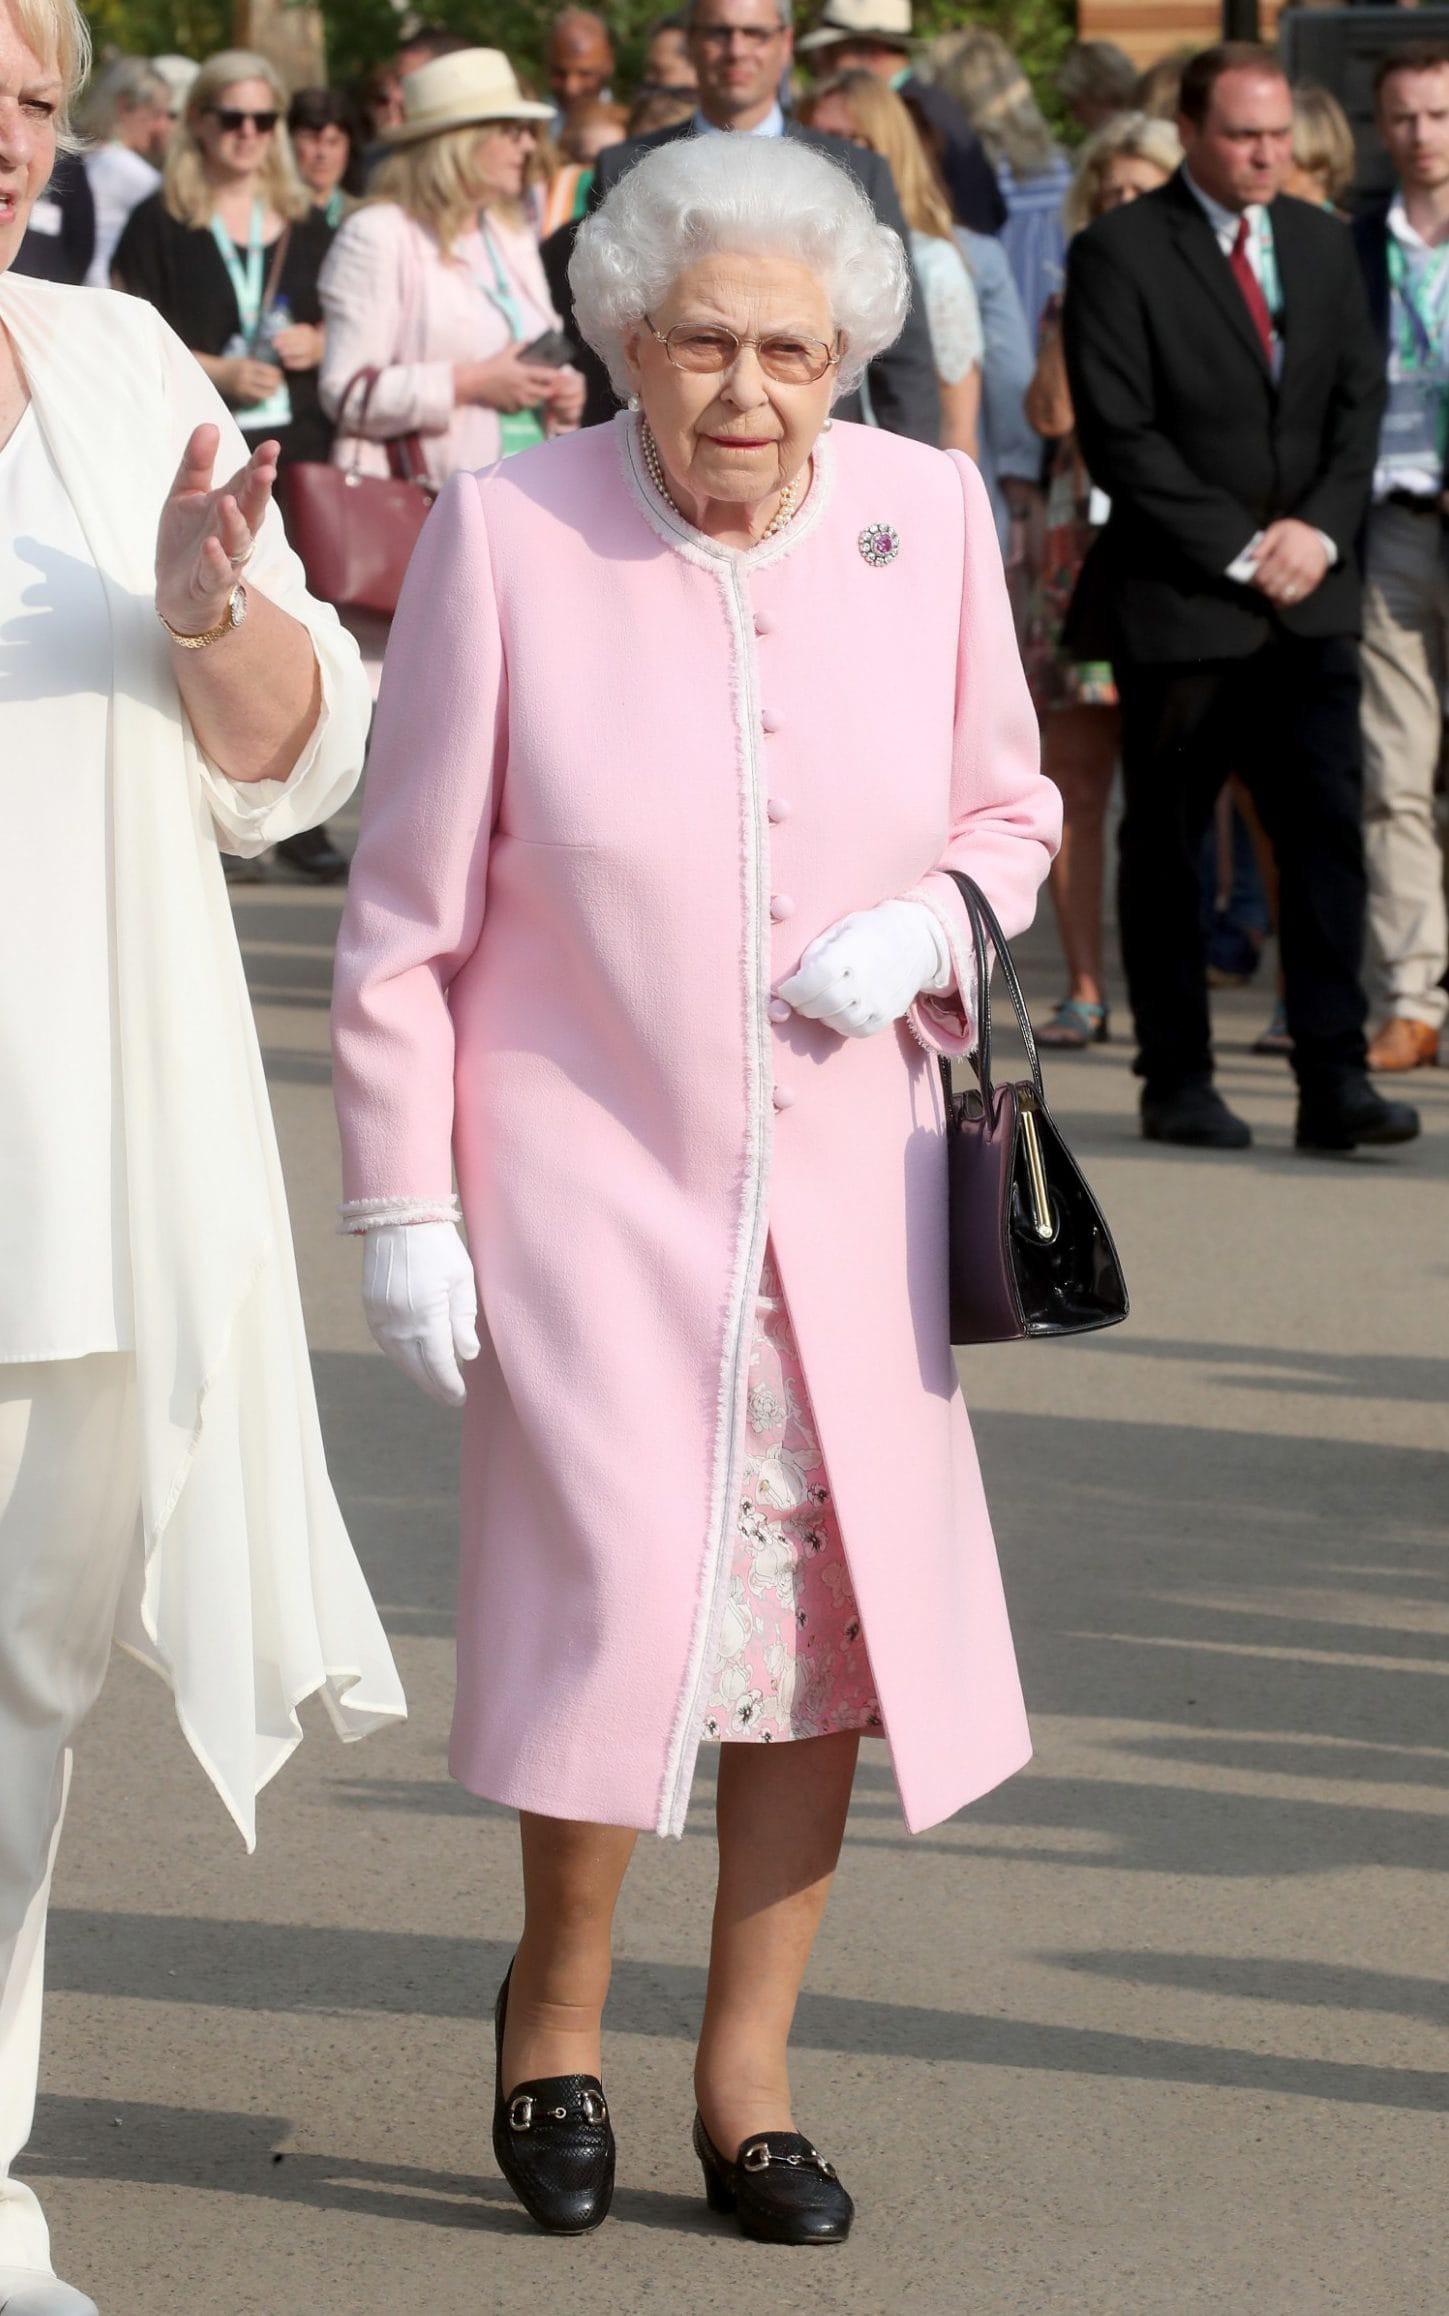 Ngoài gu diện đồ sặc sỡ, Nữ hoàng Anh còn có 5 bí mật làm nên phong cách thời trang không thể trộn lẫn - Ảnh 16.